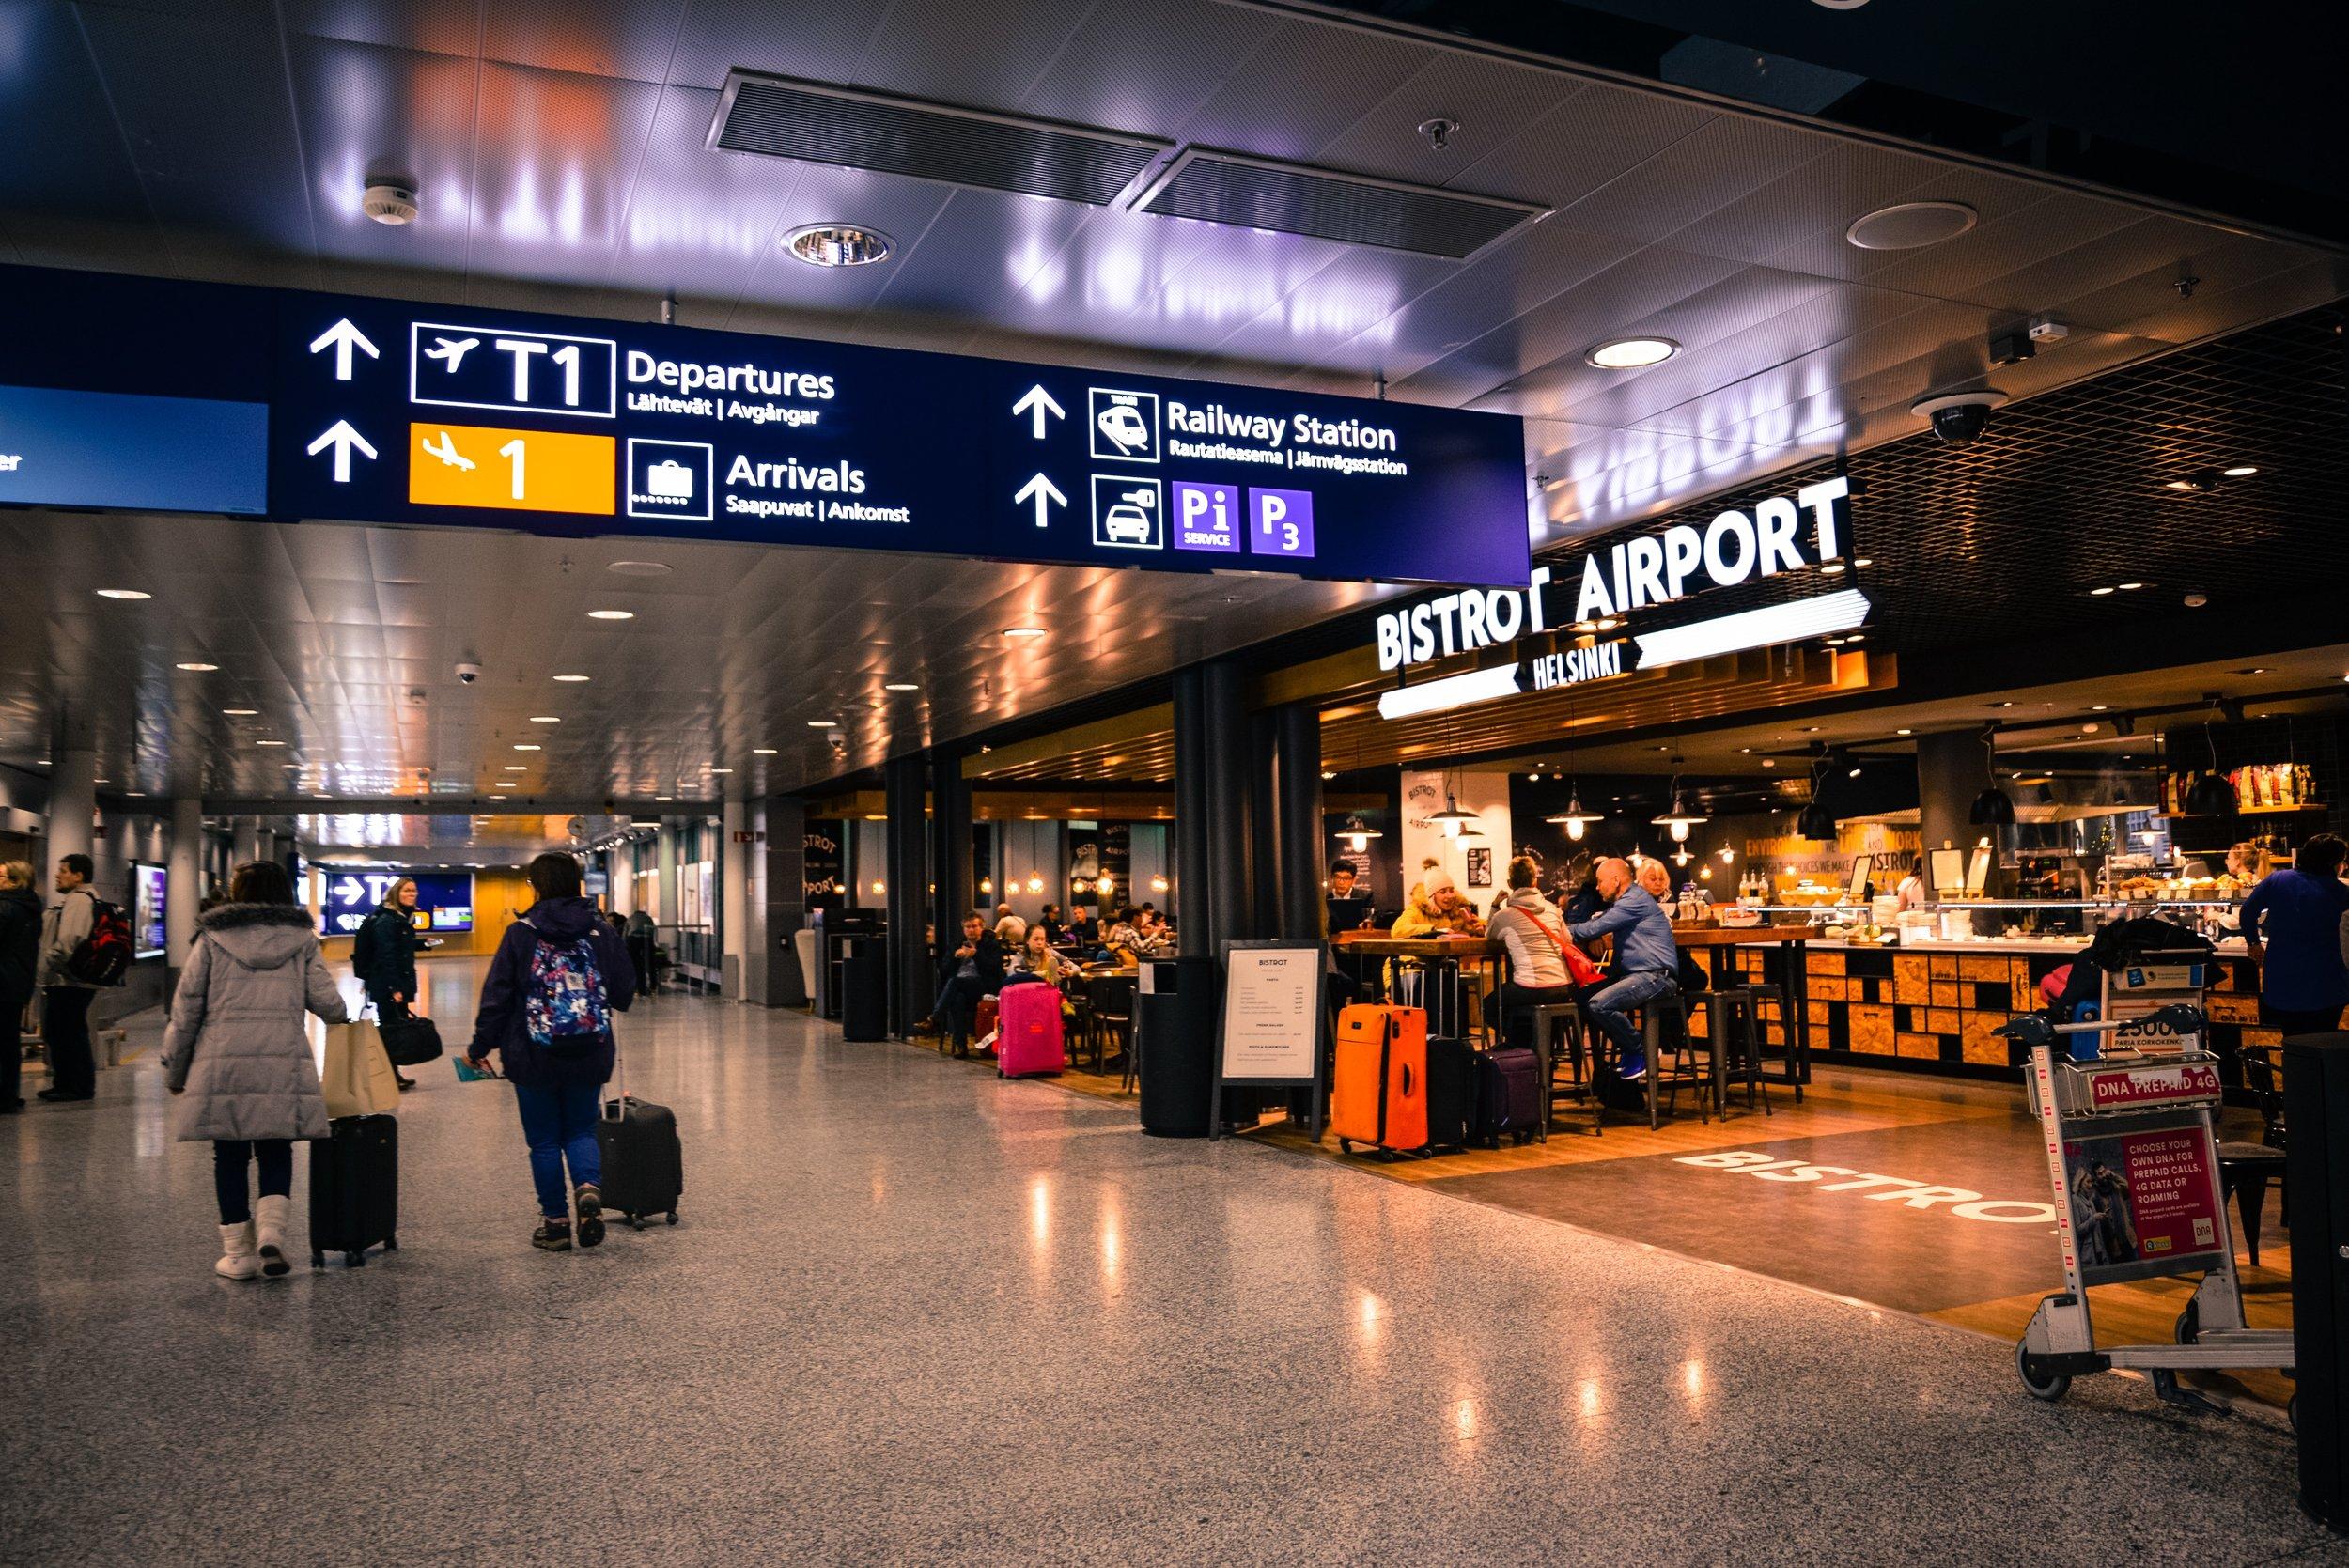 airport-indoors-people-804463.jpg